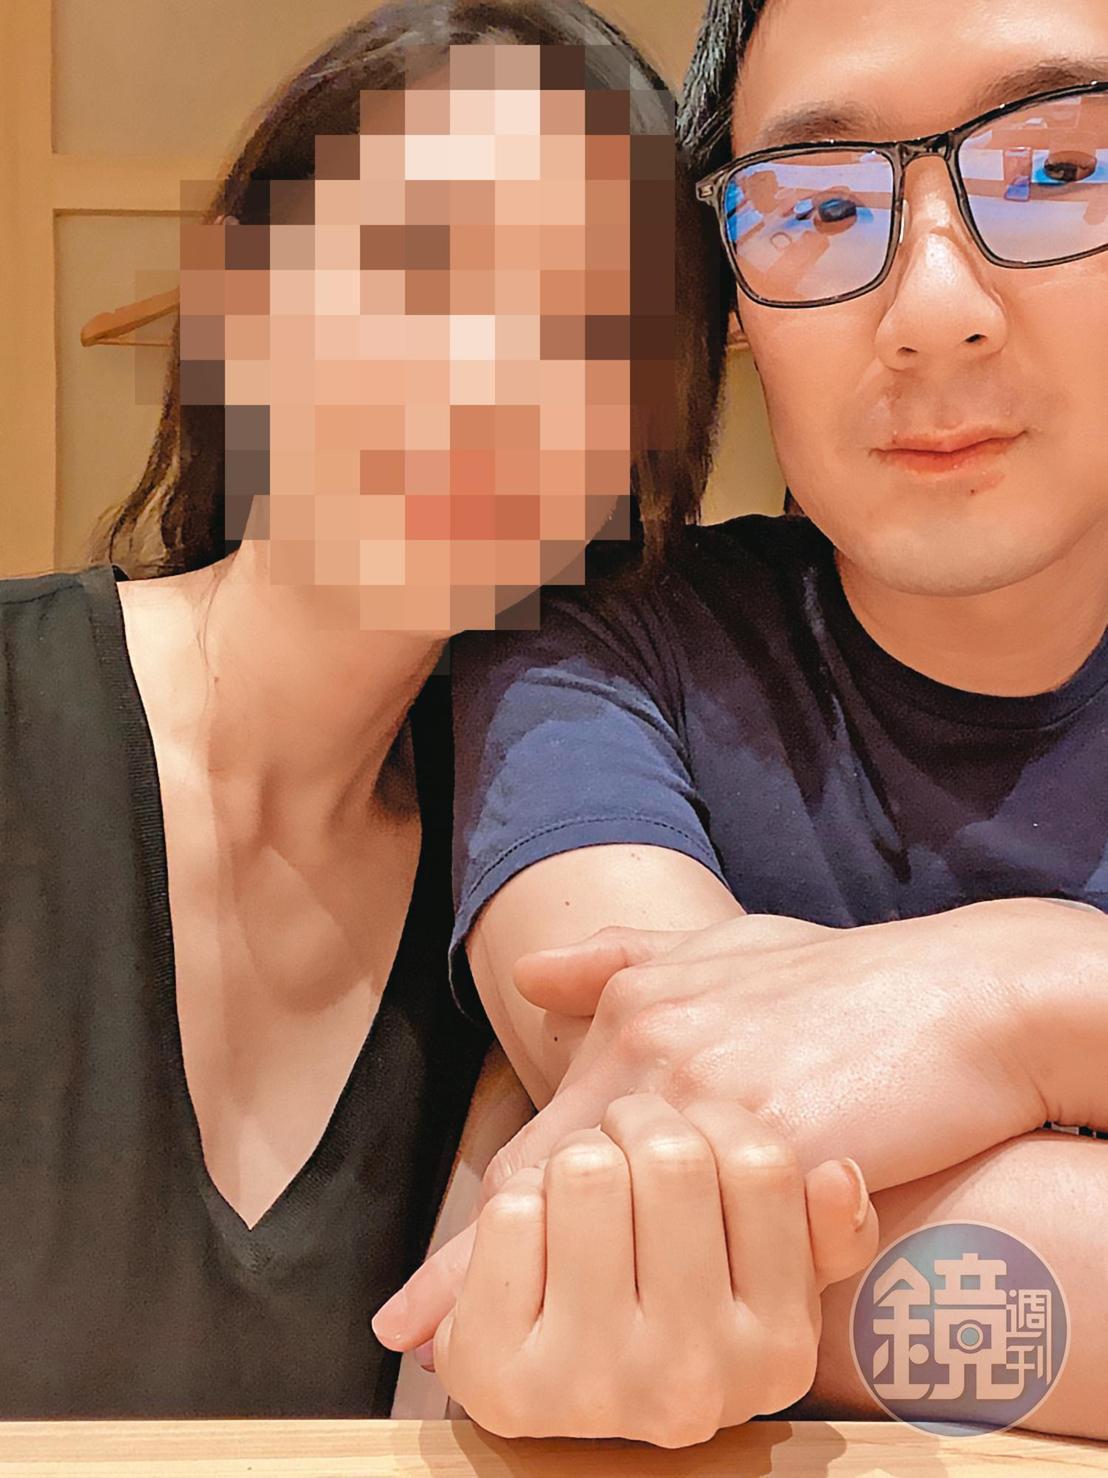 在外商公司擔任主管的K小姐(左),為了陳翰洋(右)墮胎,身心俱疲。(讀者提供)